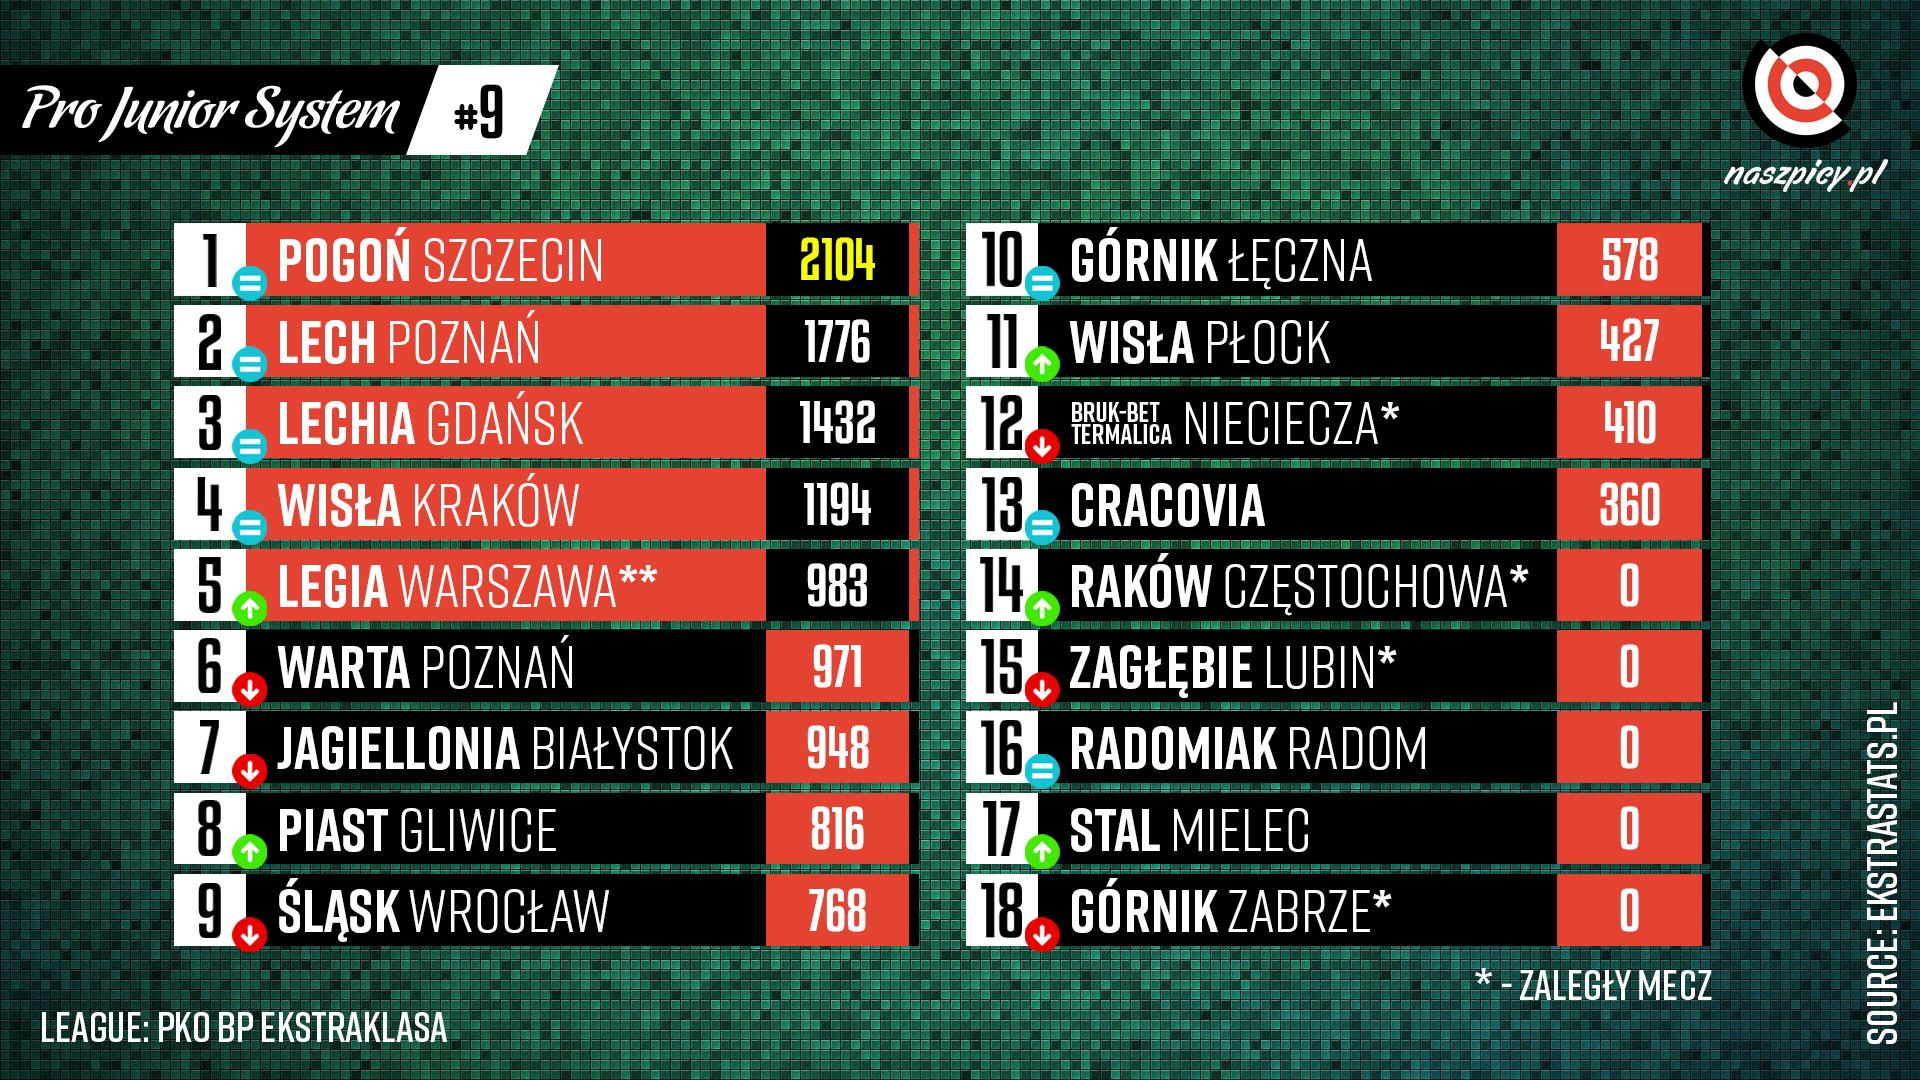 Klasyfikacja Pro Junior System po 9. kolejce PKO Ekstraklasy 2021-22<br><br>Źródło: Opracowanie własne na podstawie ekstrastats.pl<br><br>graf. Bartosz Urban